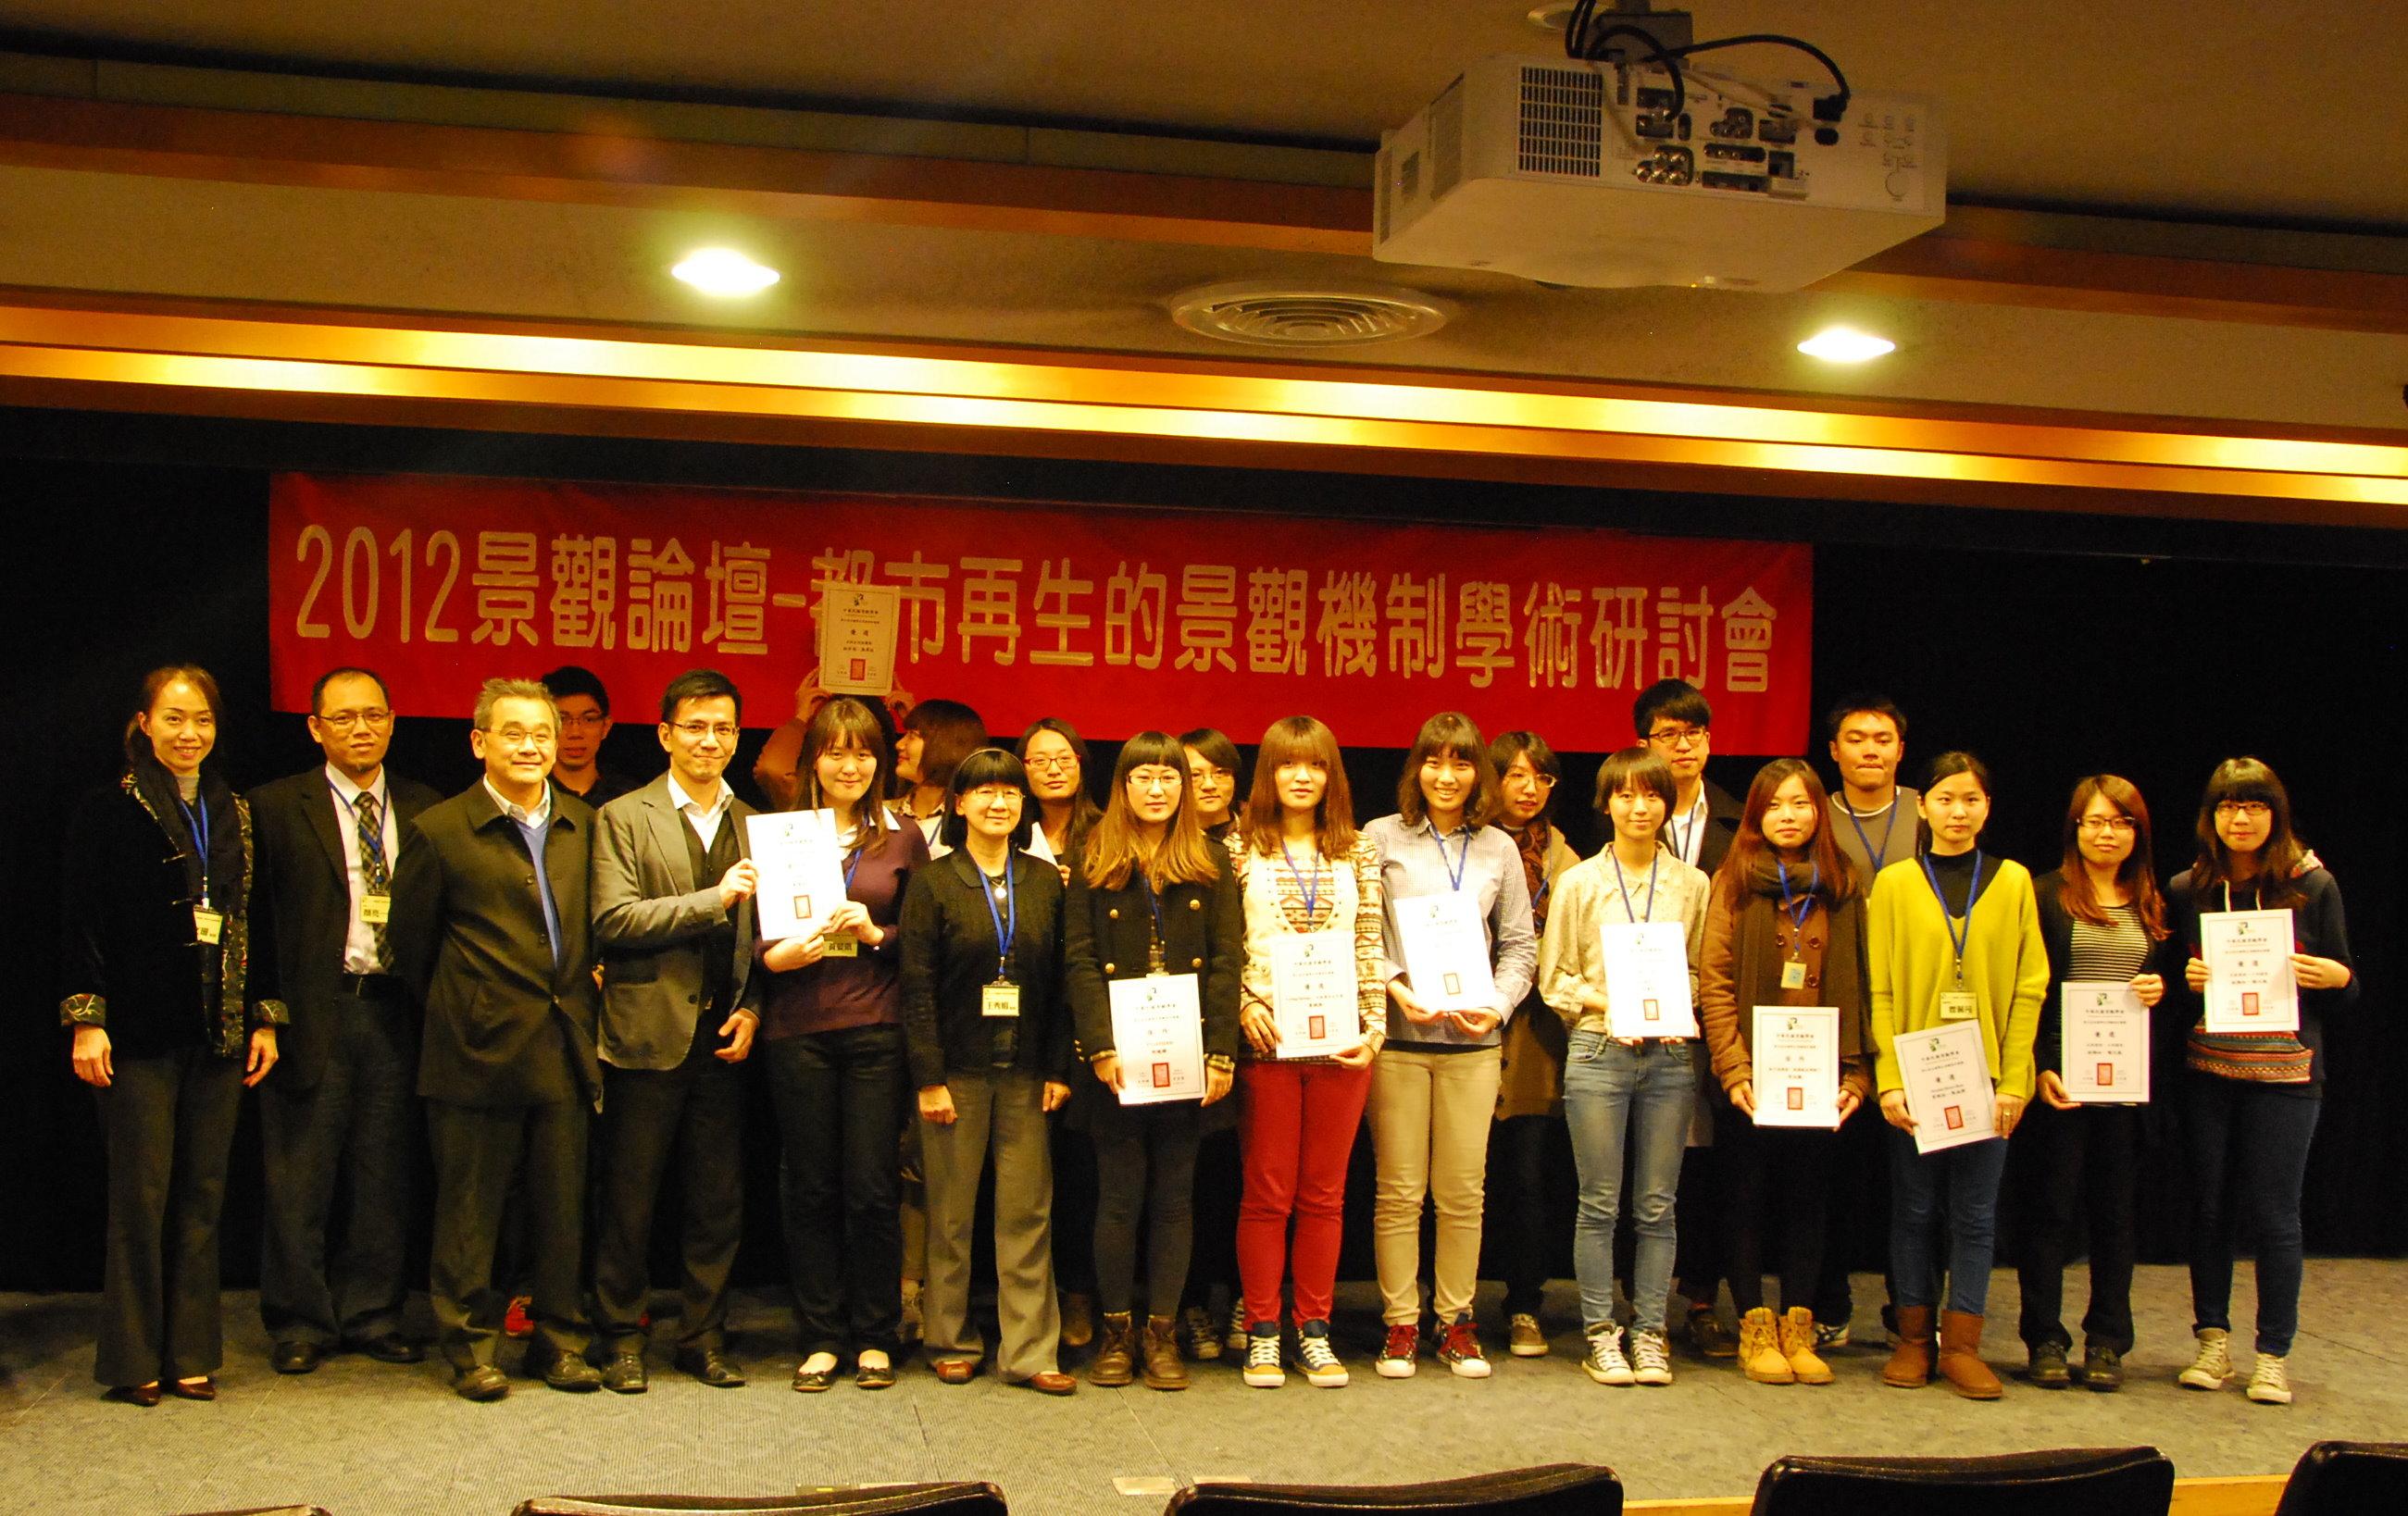 賀!中原景觀系榮獲第七屆全國學生景觀設計競圖優選及佳作 再成最大贏家